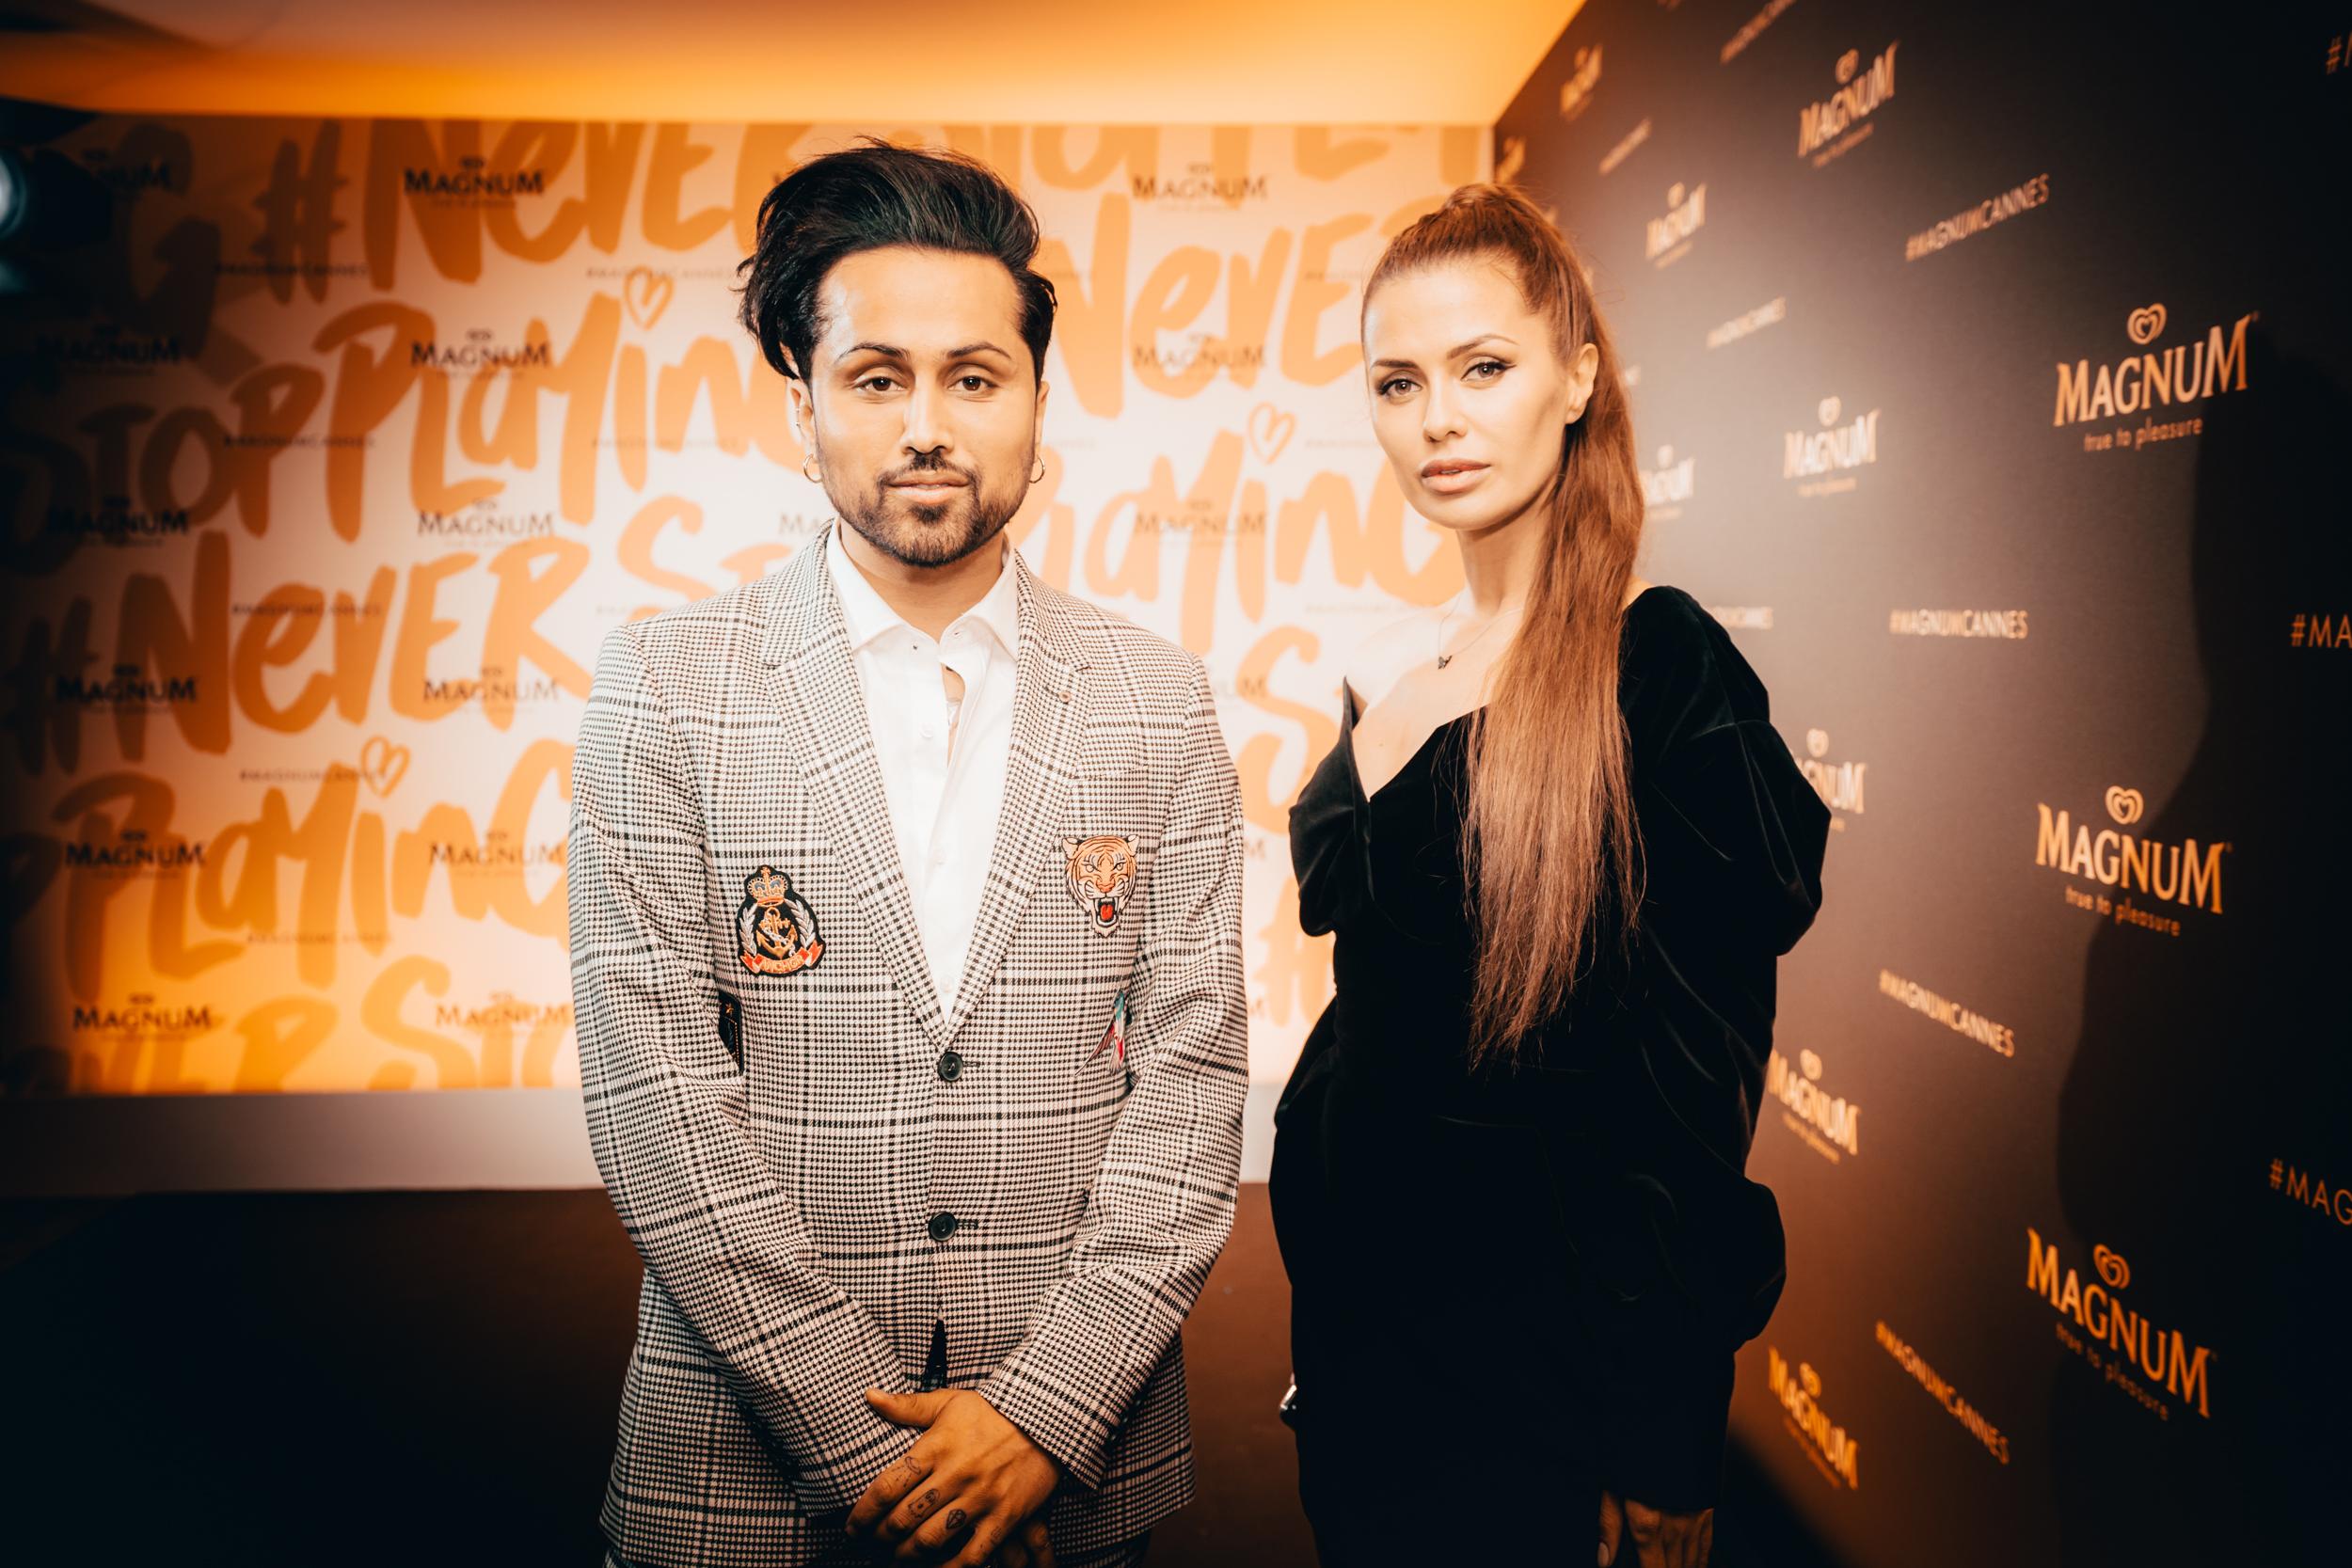 Magnum Cannes 2019_Florian Leger_HD_N°-565.jpg